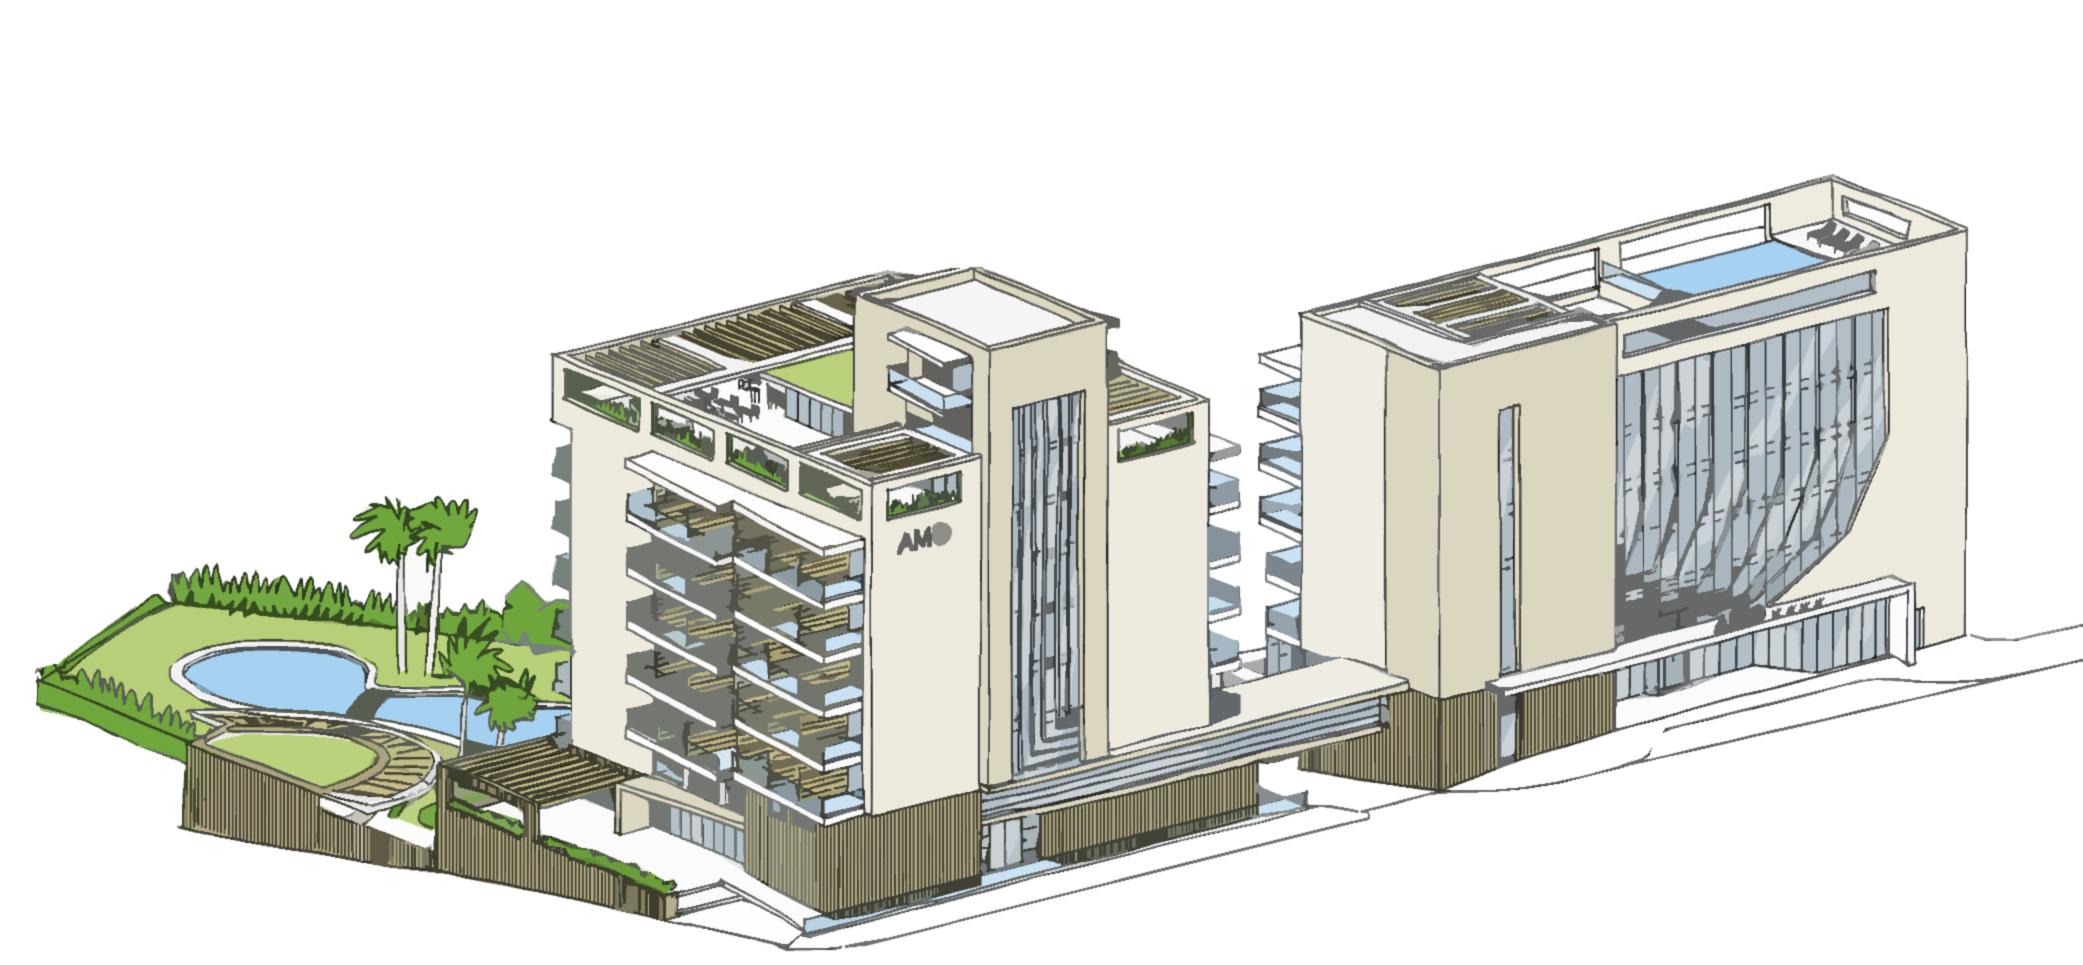 C:UsersAntonio.OchoaDesktopHOTEL VILLASOL.pdf